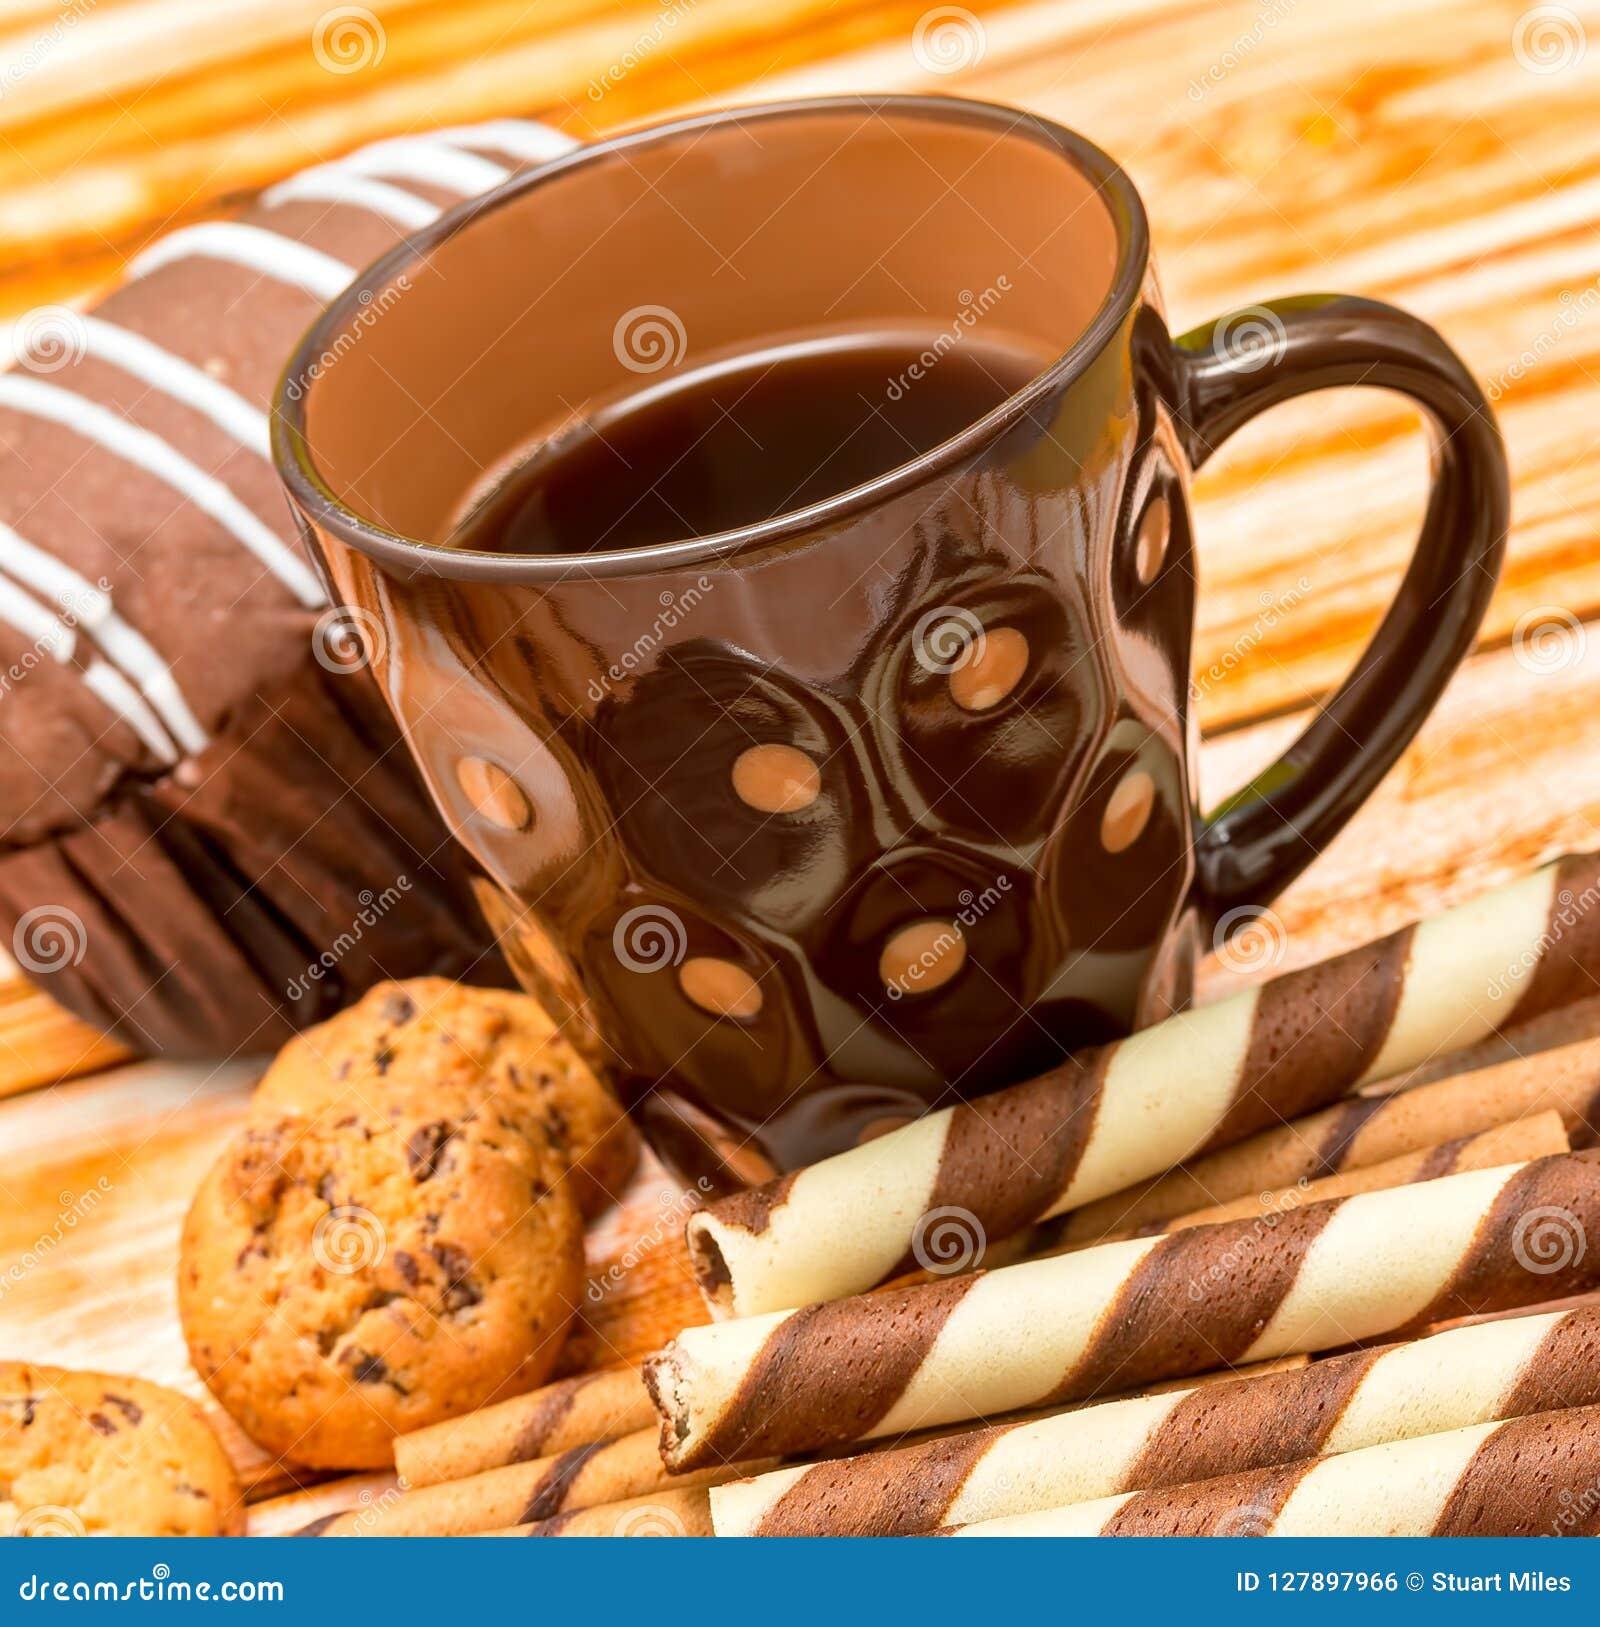 Τα μπισκότα διαλειμμάτων δείχνουν τα μπισκότα και το ποτό Decaf